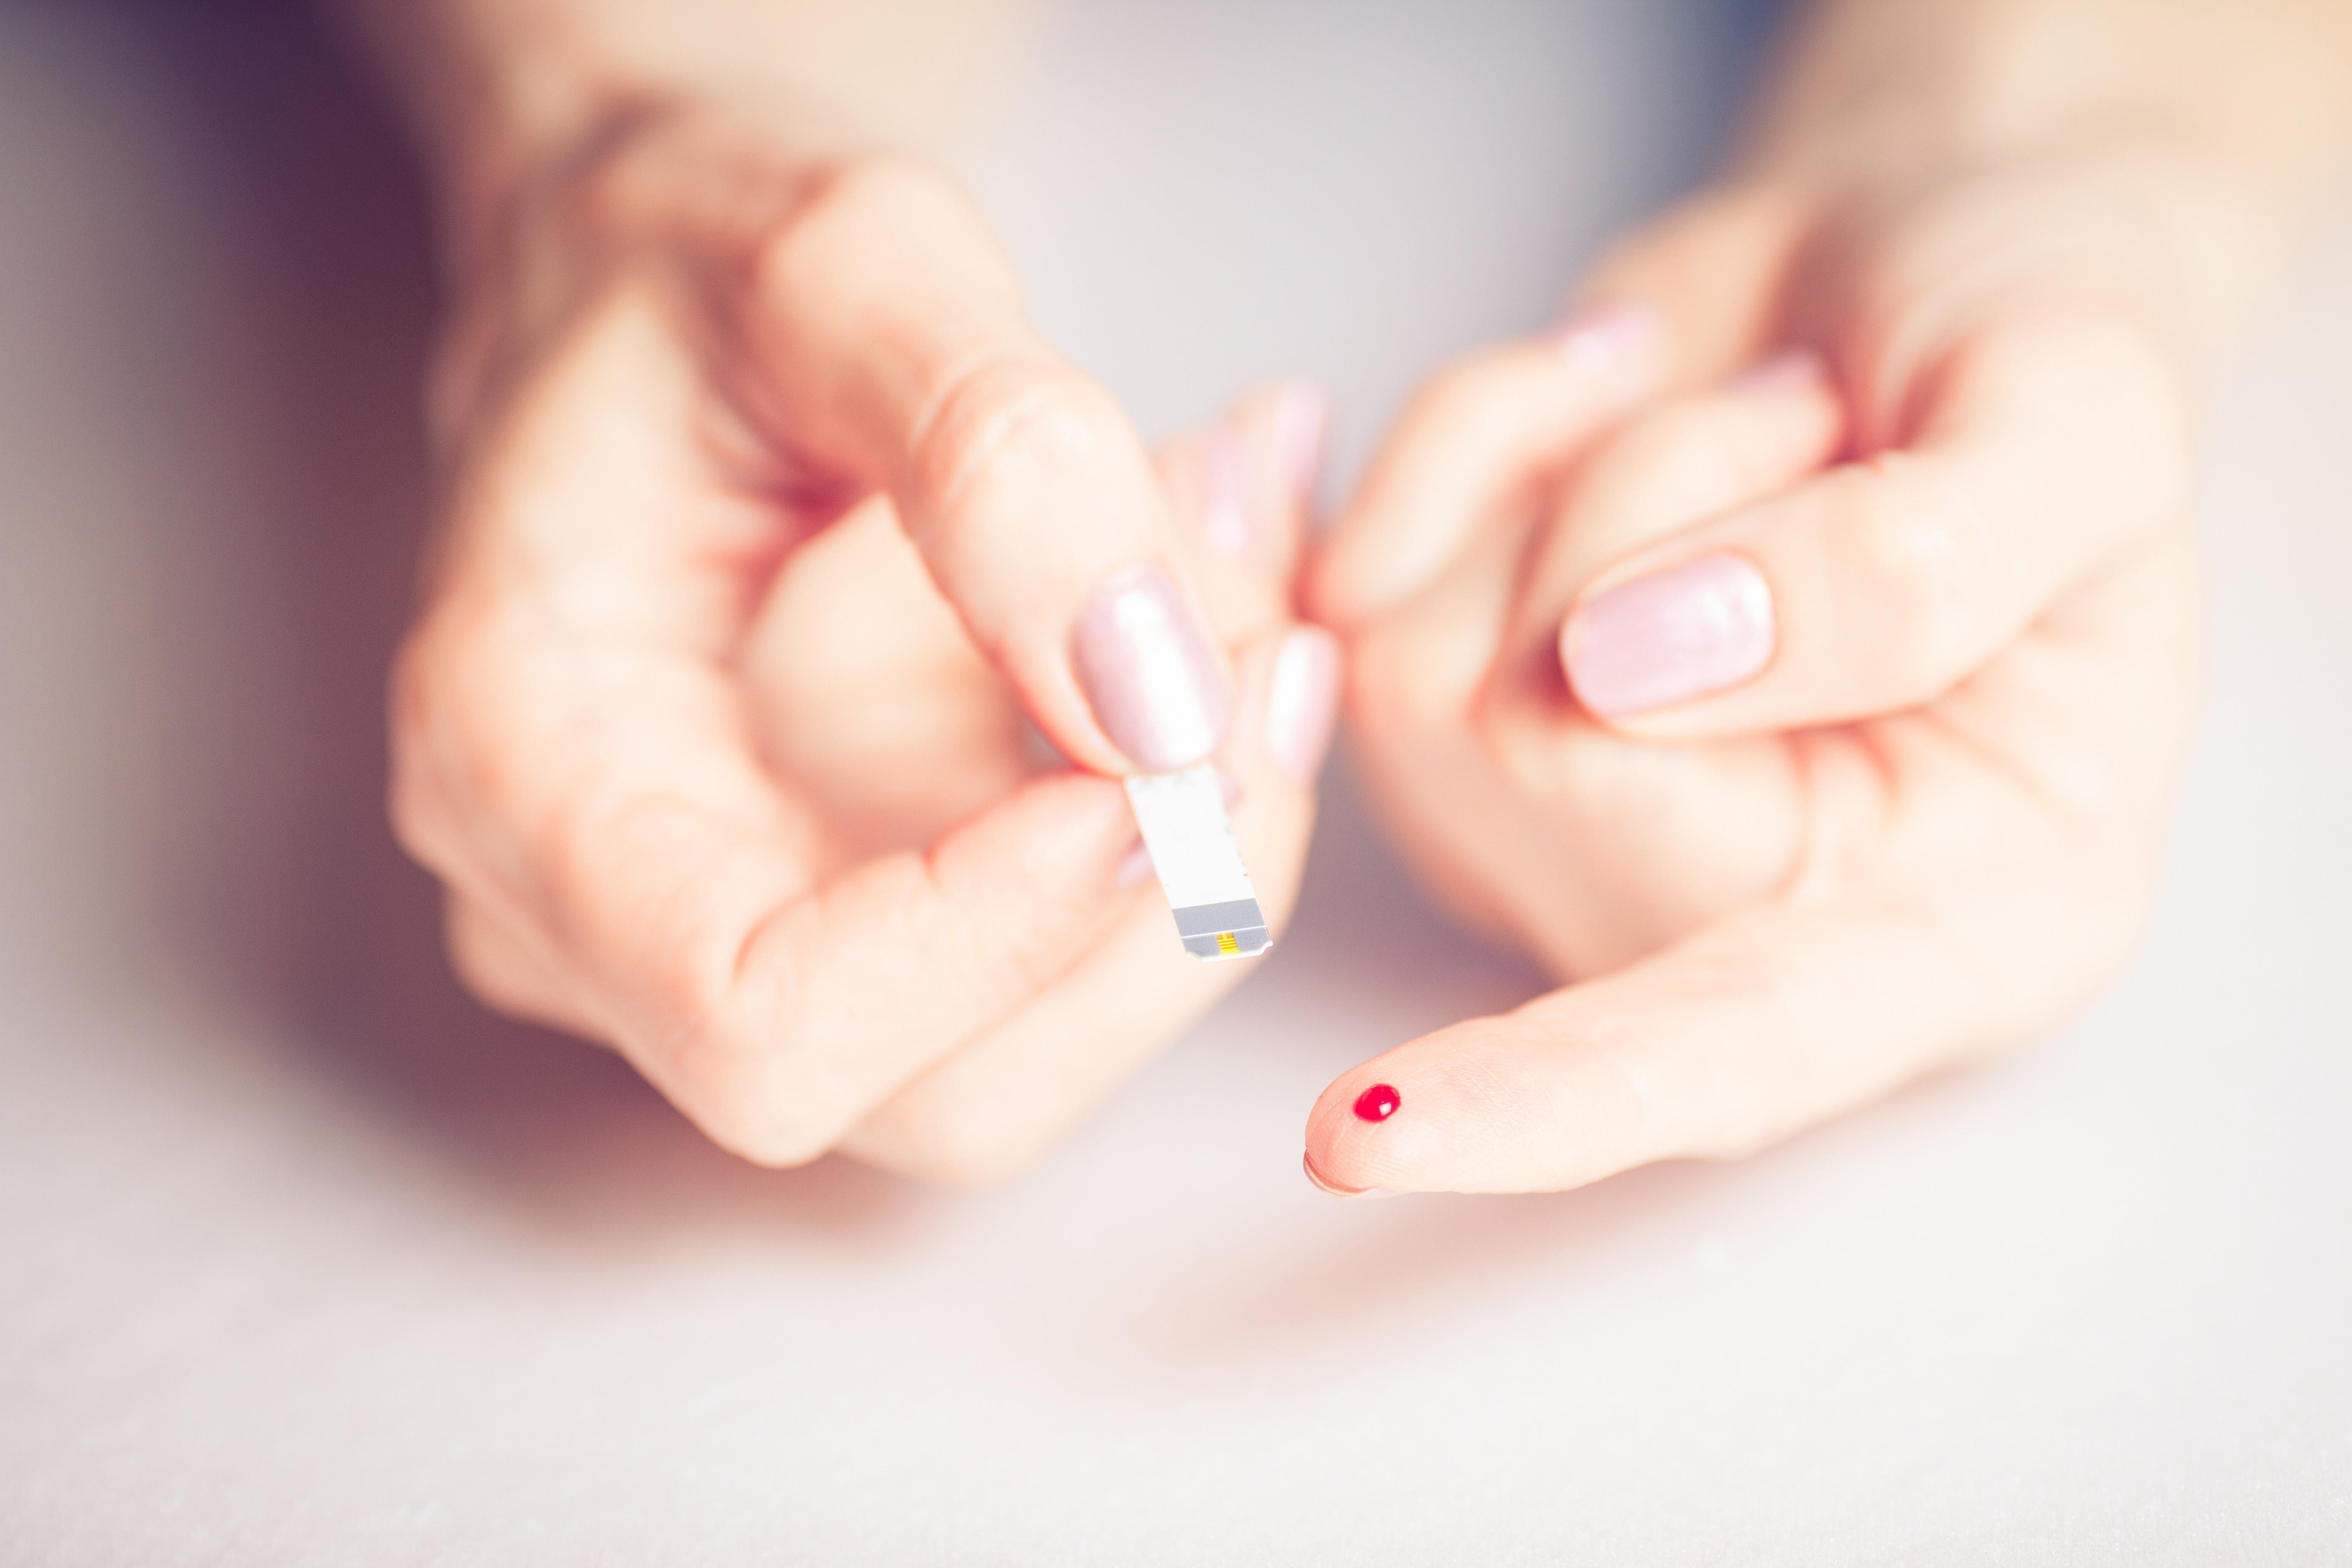 Une réduction spectaculaire du risque de crise cardiaque est constatée chez ces patients diabétiques avec l'utilisation de médicaments en prophylaxie (Visuel Adobe Stock 113201522)